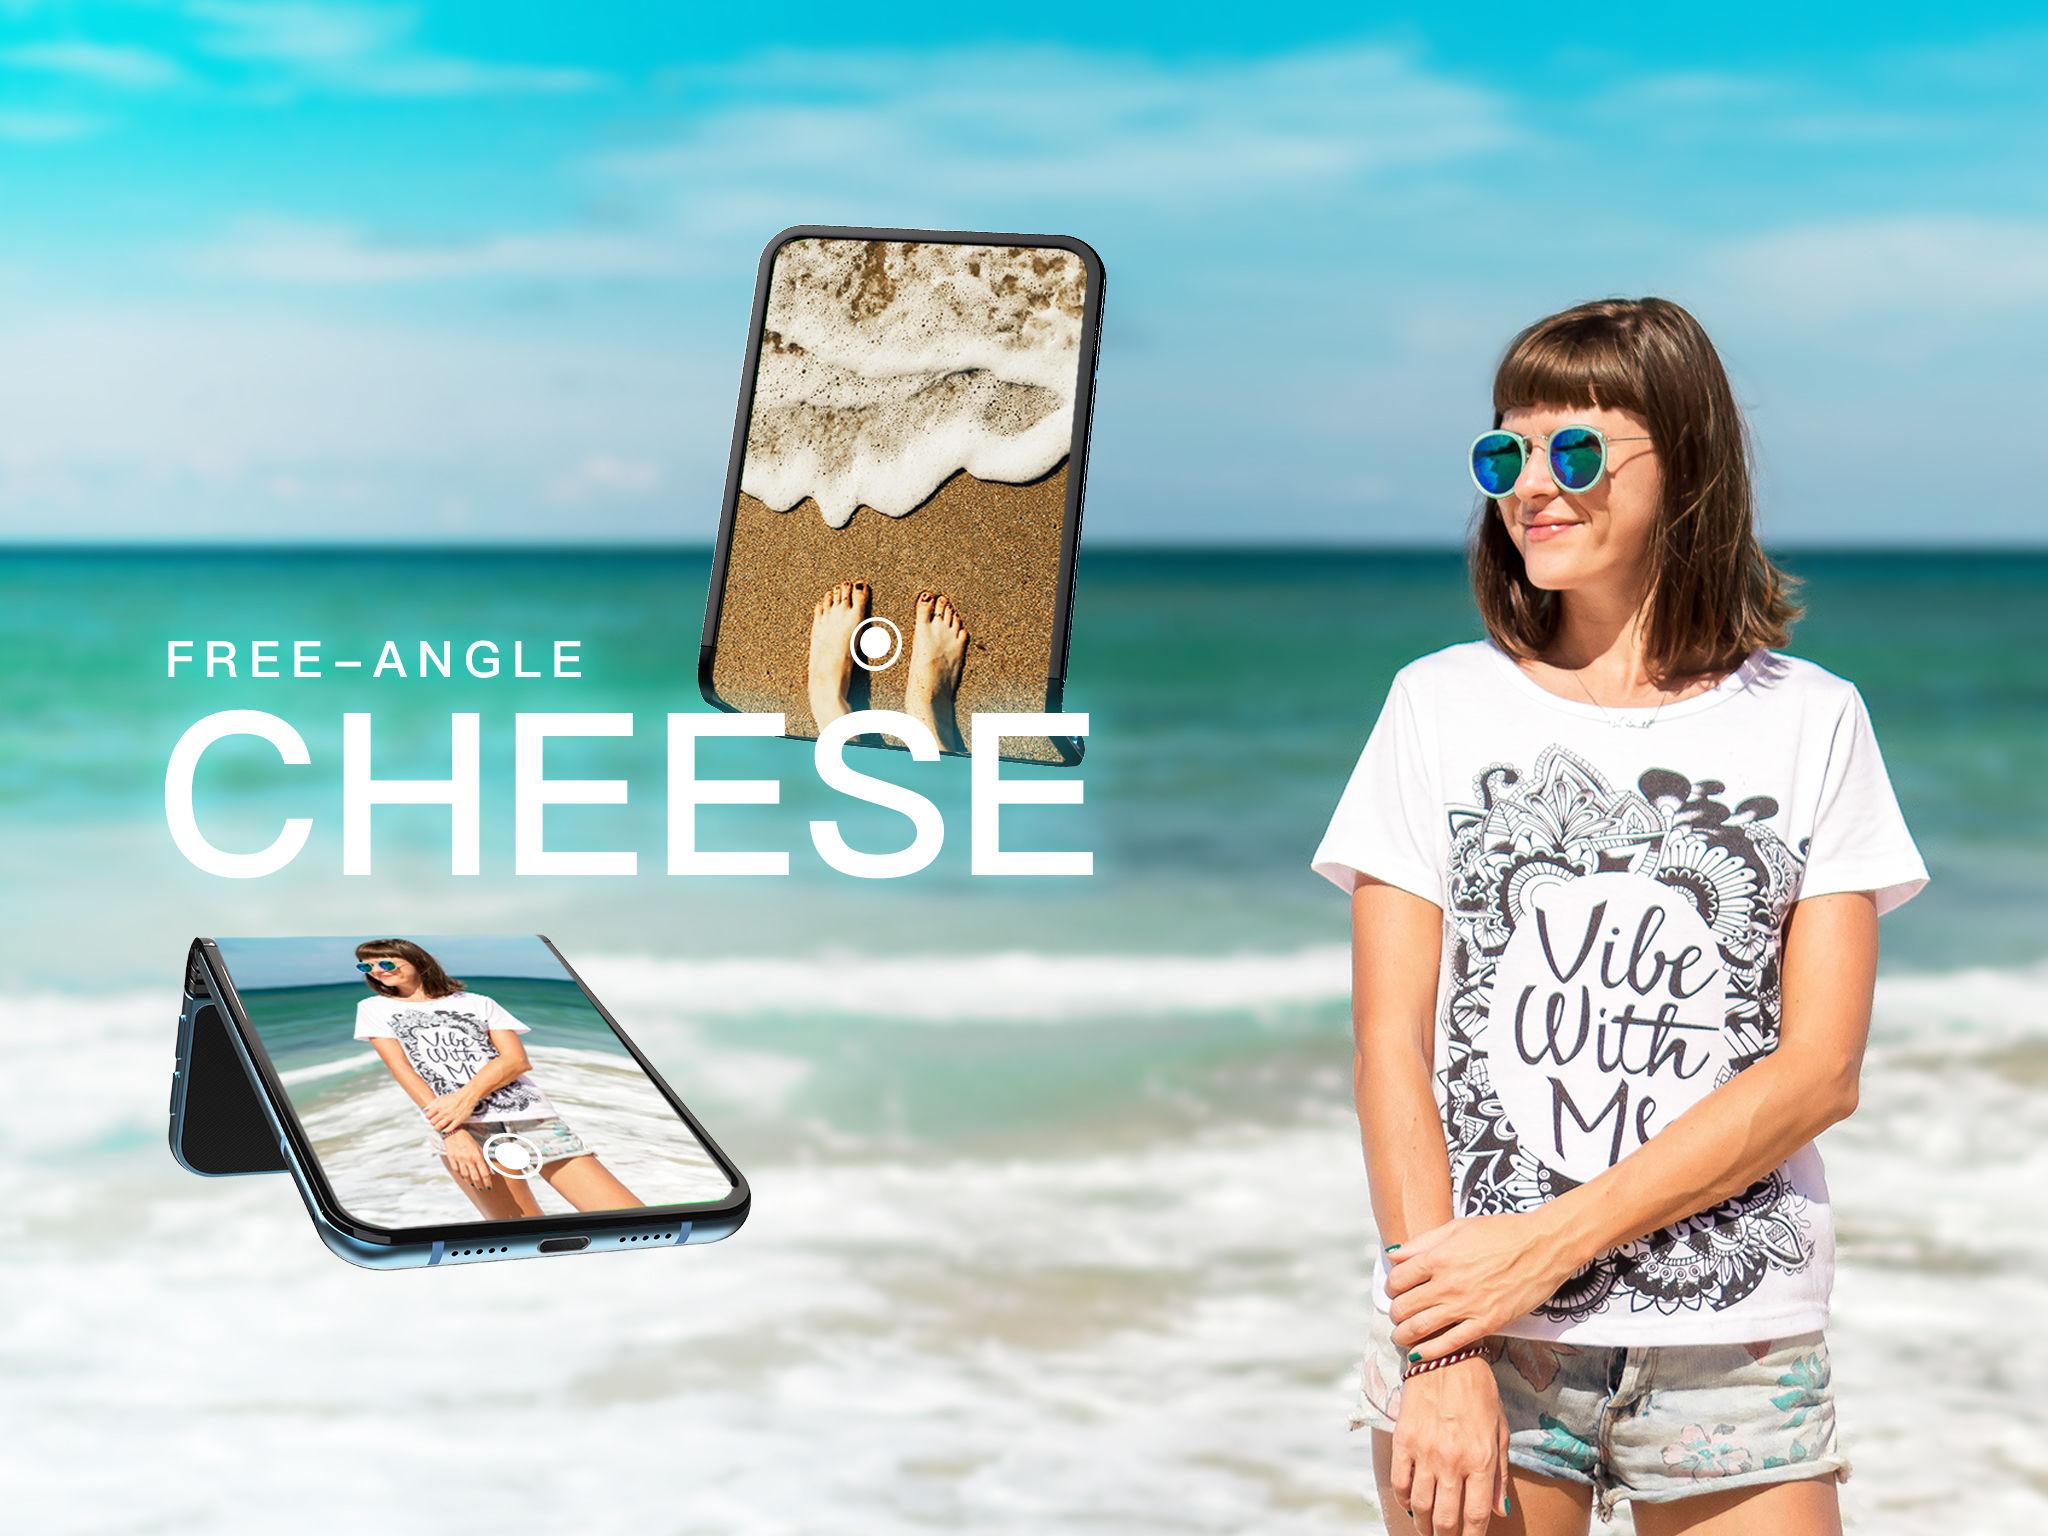 È compatto, flessibile e pensato per la fotografia il pieghevole Compal CHEESE